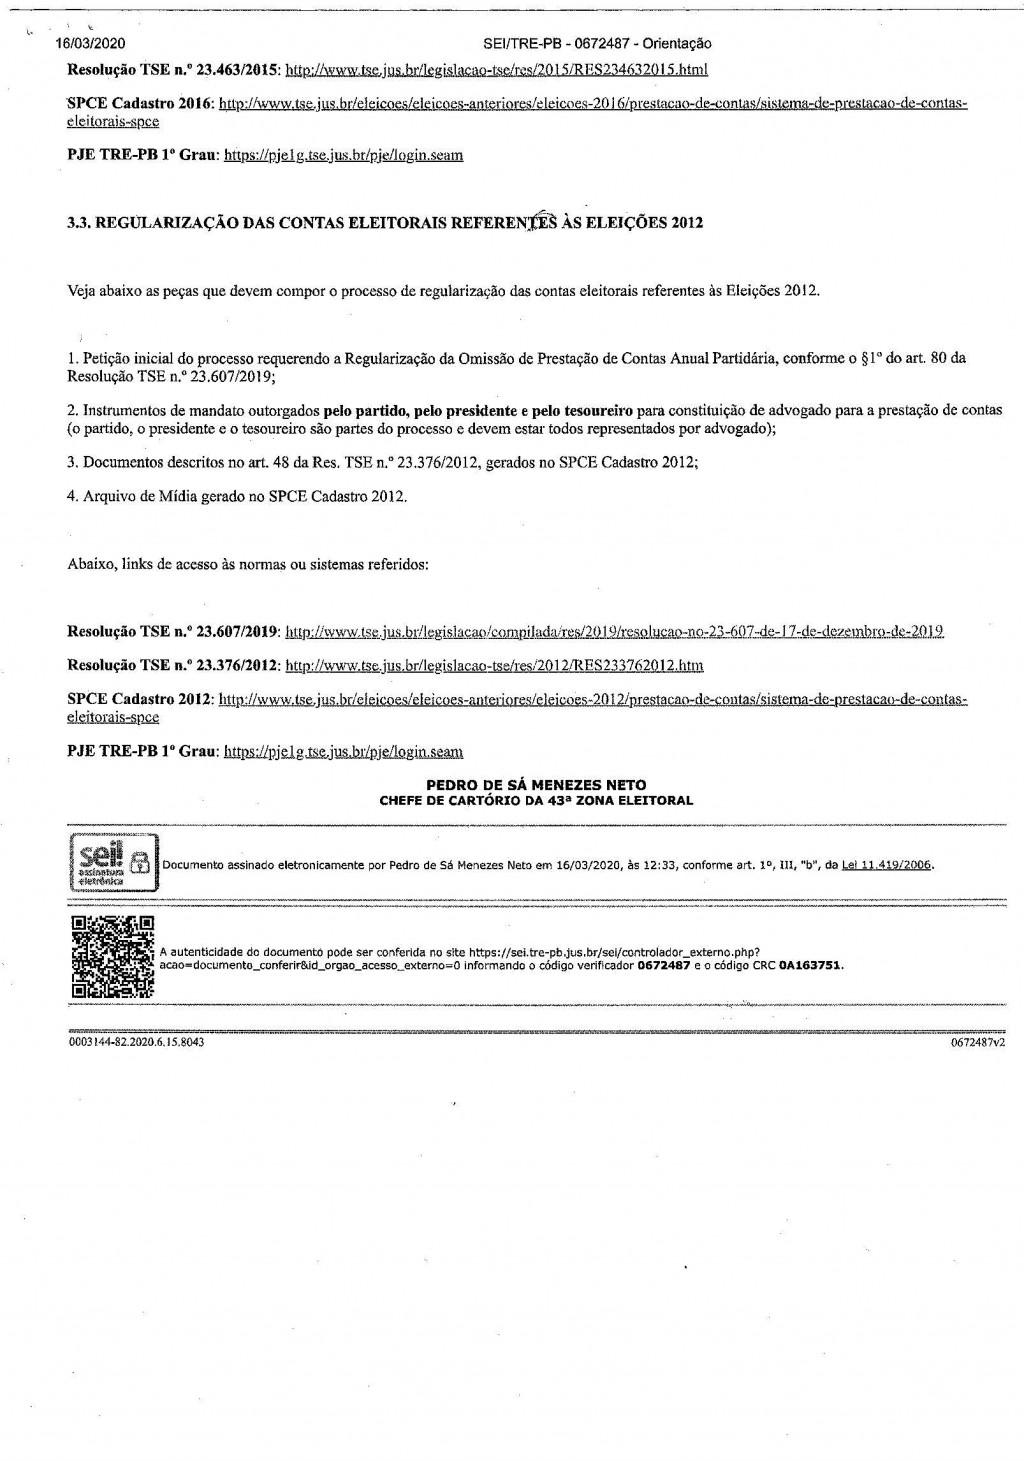 Orientaçaos Partidos Políticos sob elaboração de protocolização dos processos de prestação de contas anuais e eleitorais